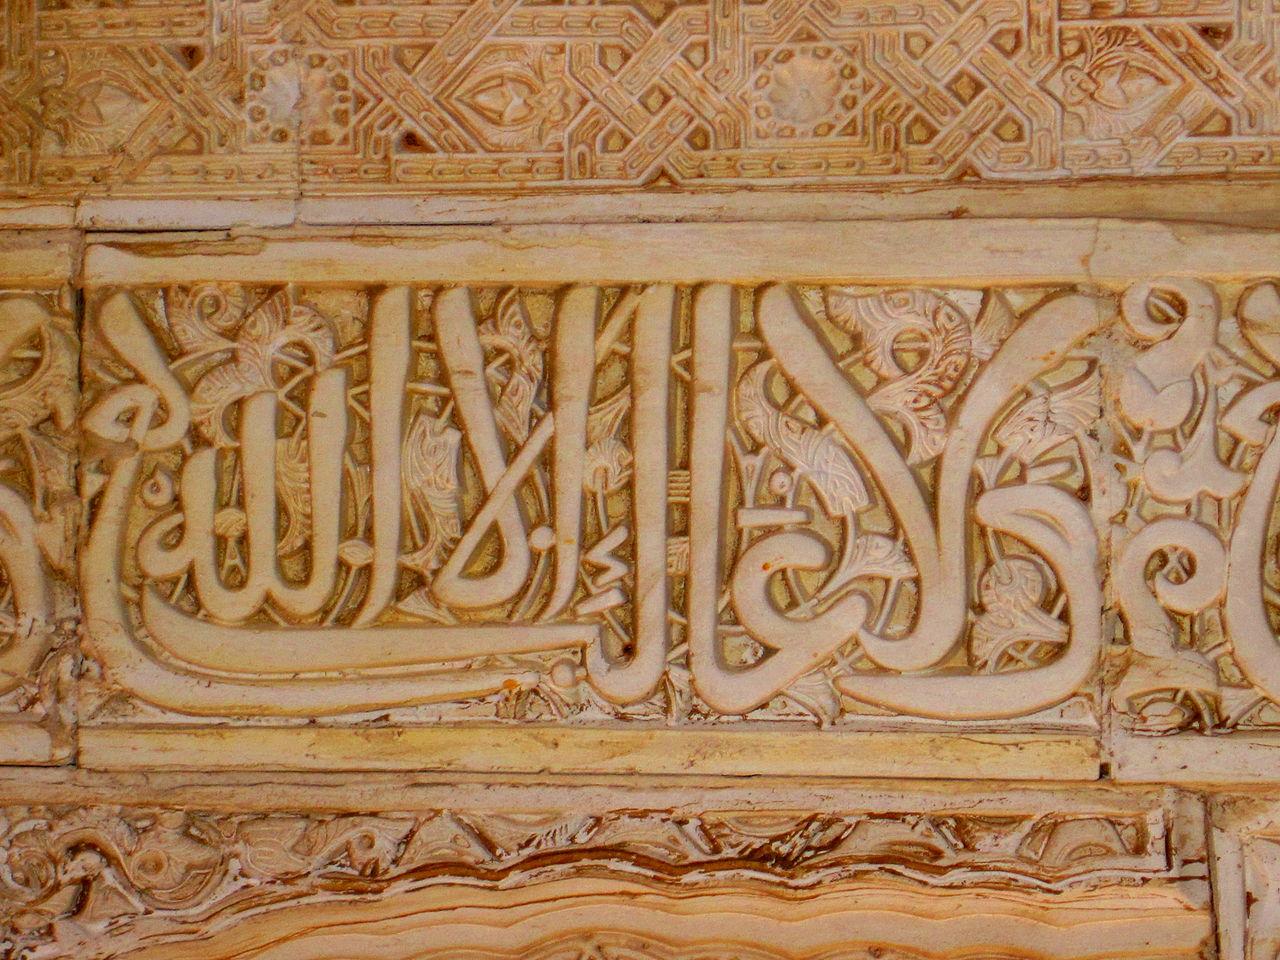 """Detalle de la escritura de la pared de la sala del Mexuar: """"Sólo Dios es vencedor""""."""